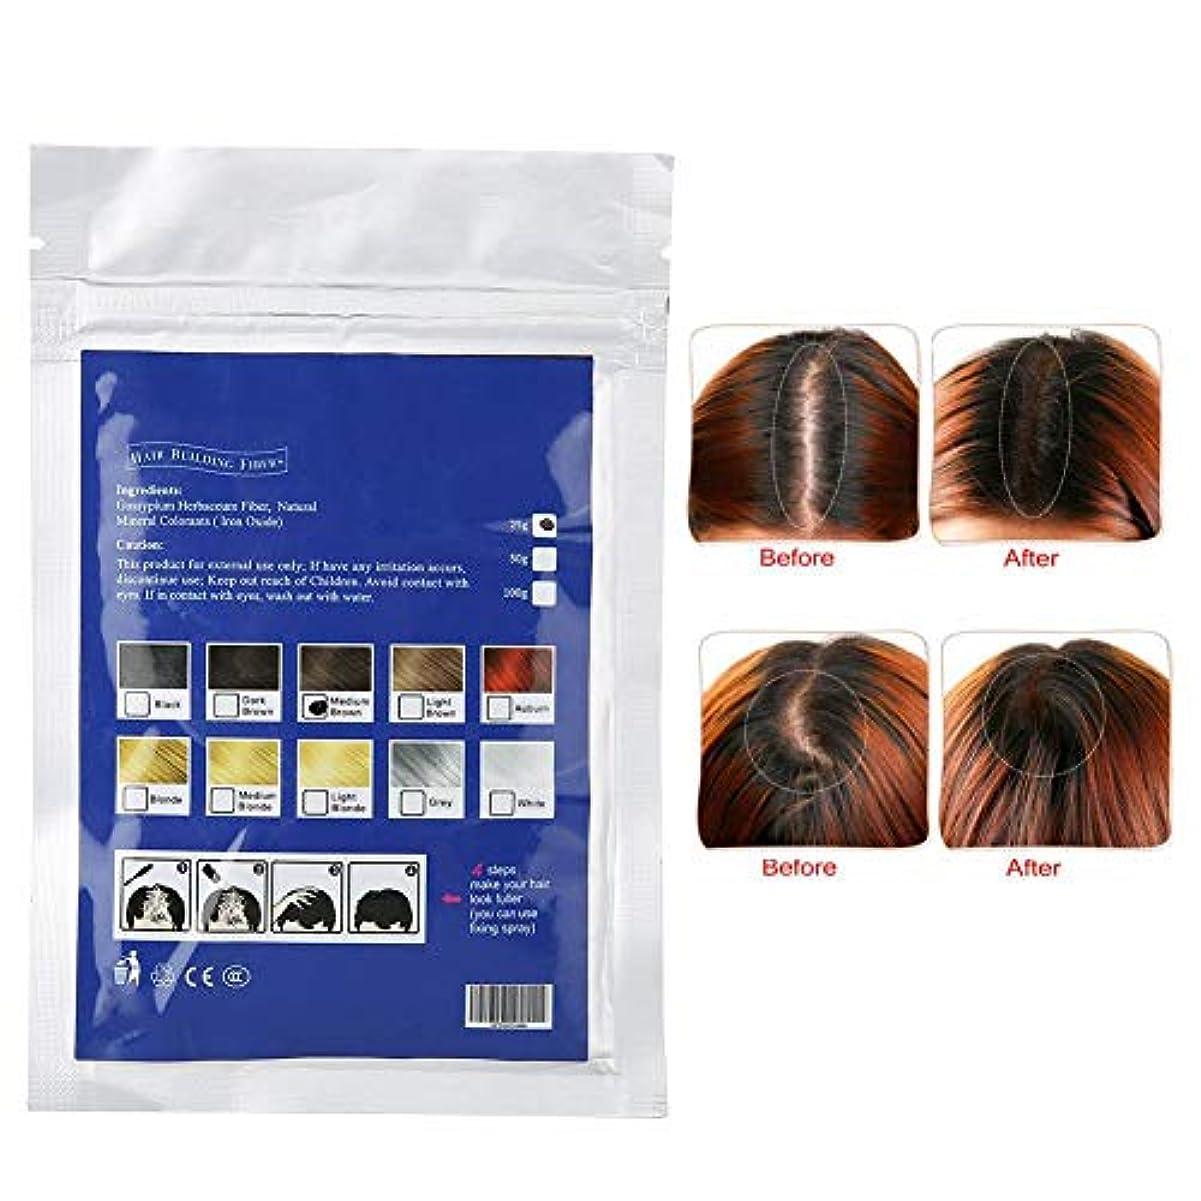 クリエイティブスイス人崩壊ヘアフィラー、ヘアボリュームパウダー、髪の根元を薄くするためのカバーアップヘアフィラー(3#)